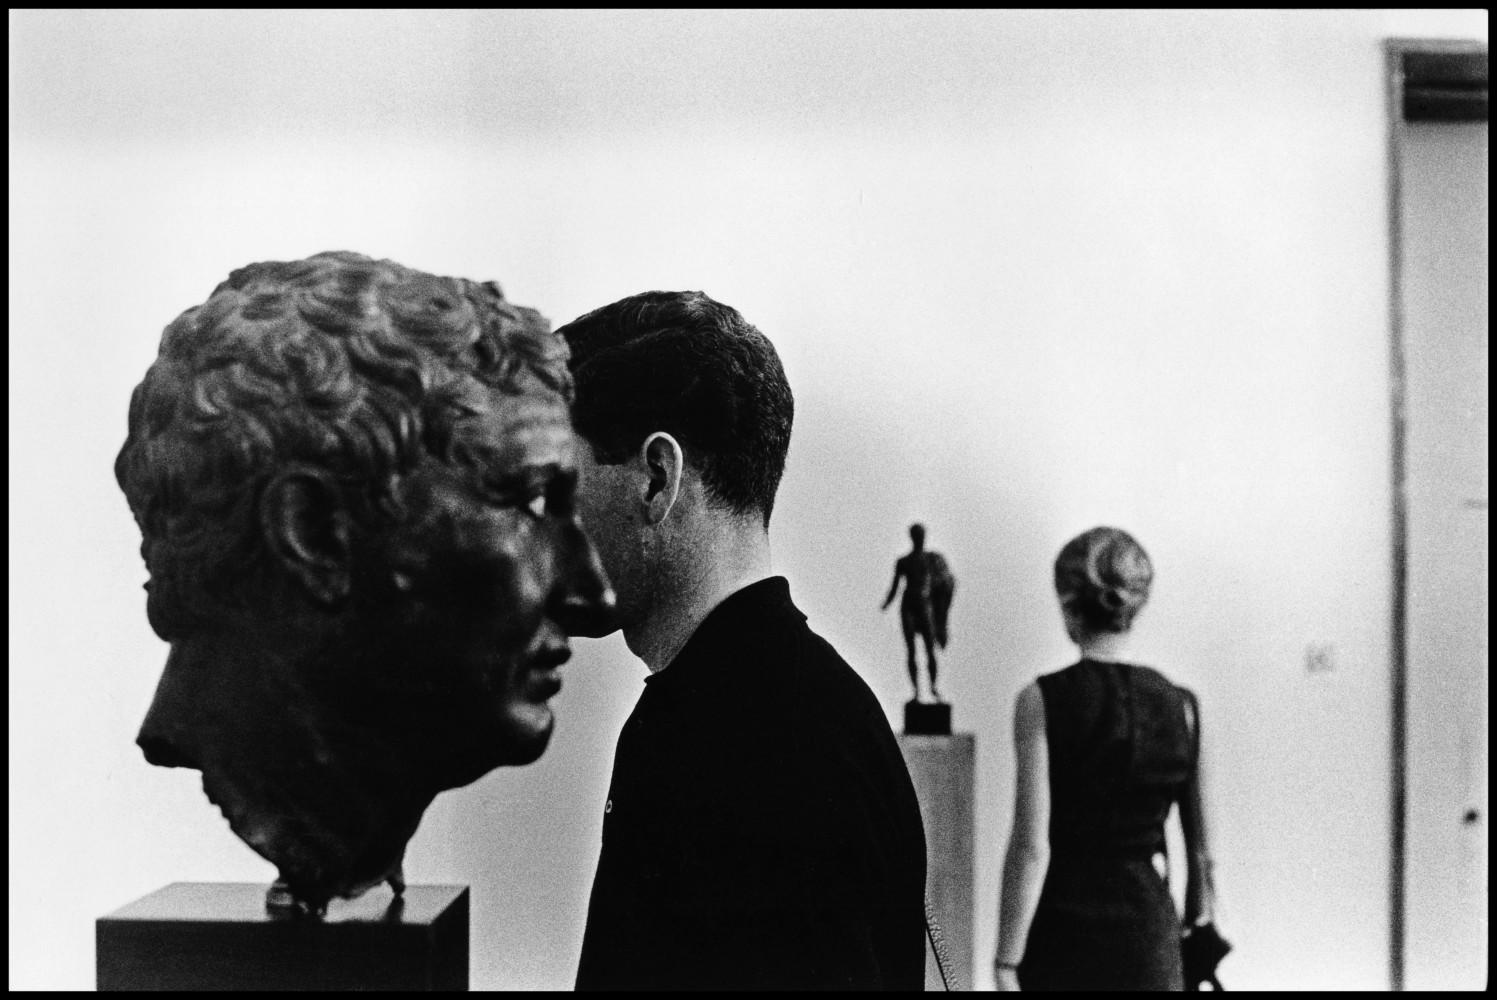 Музей Акрополя в Афинах, Греция, 1963. Автор Эллиотт Эрвитт